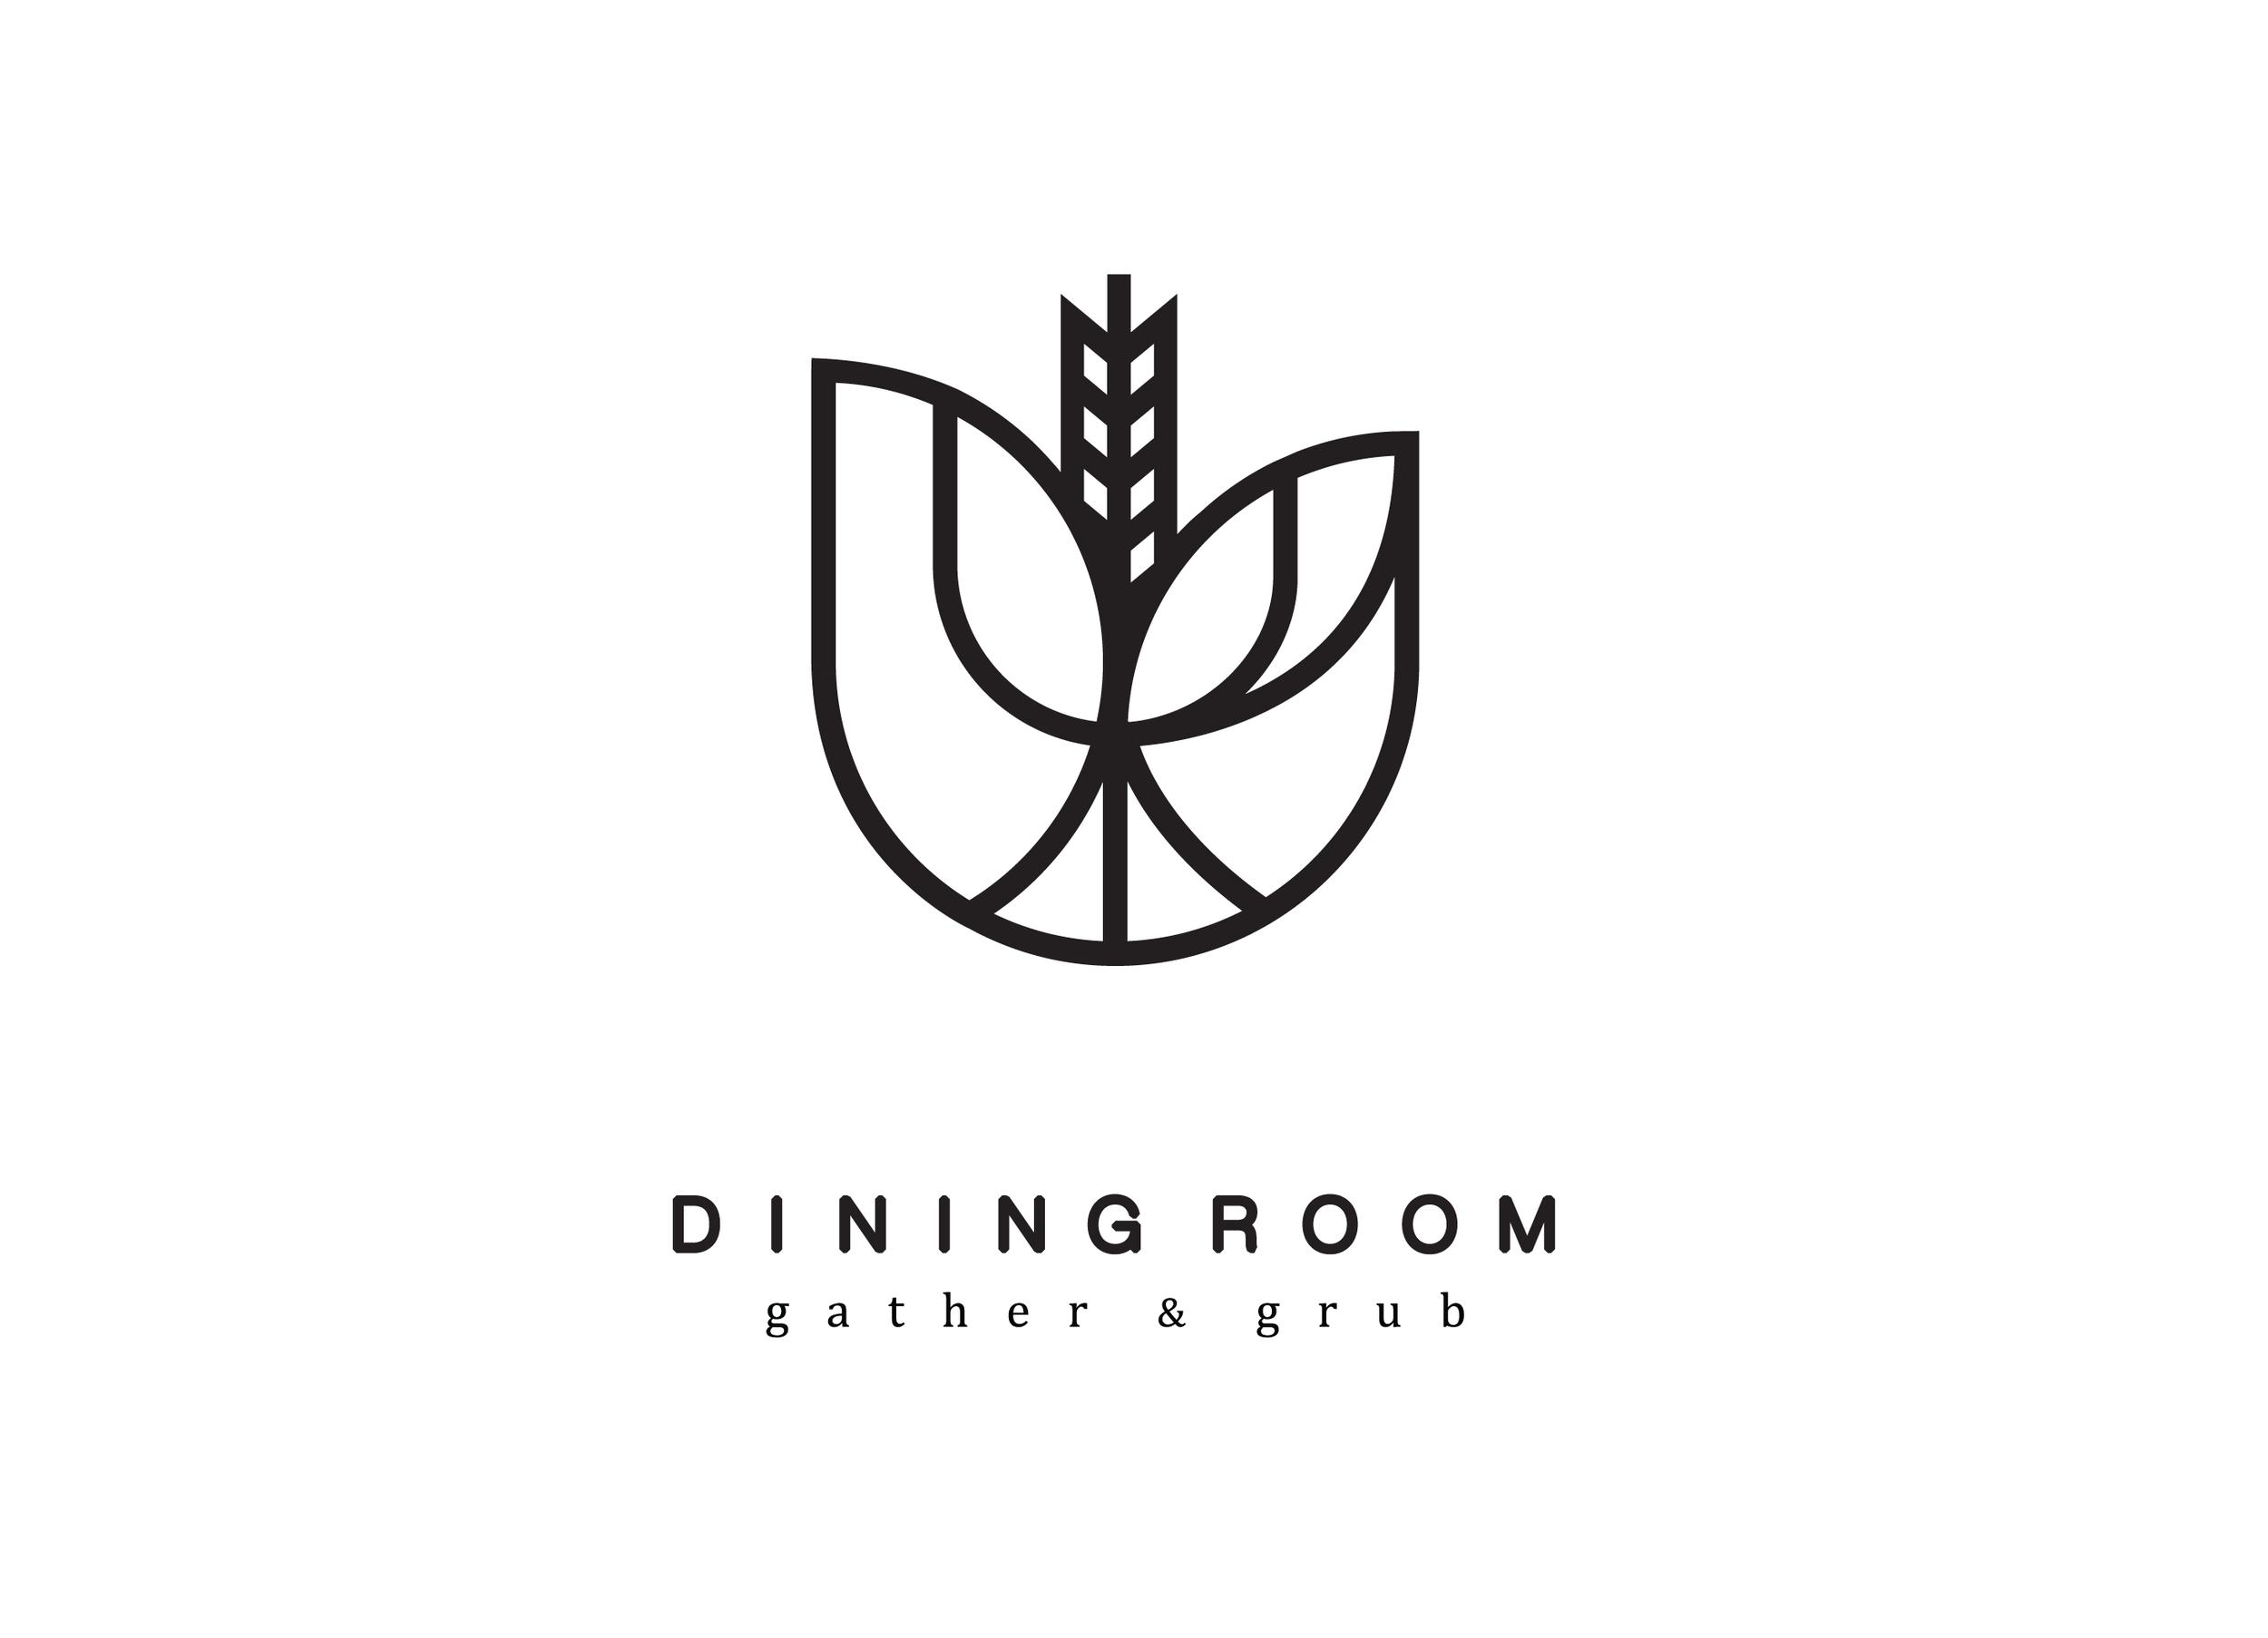 191004-DiningRoom-v2.png